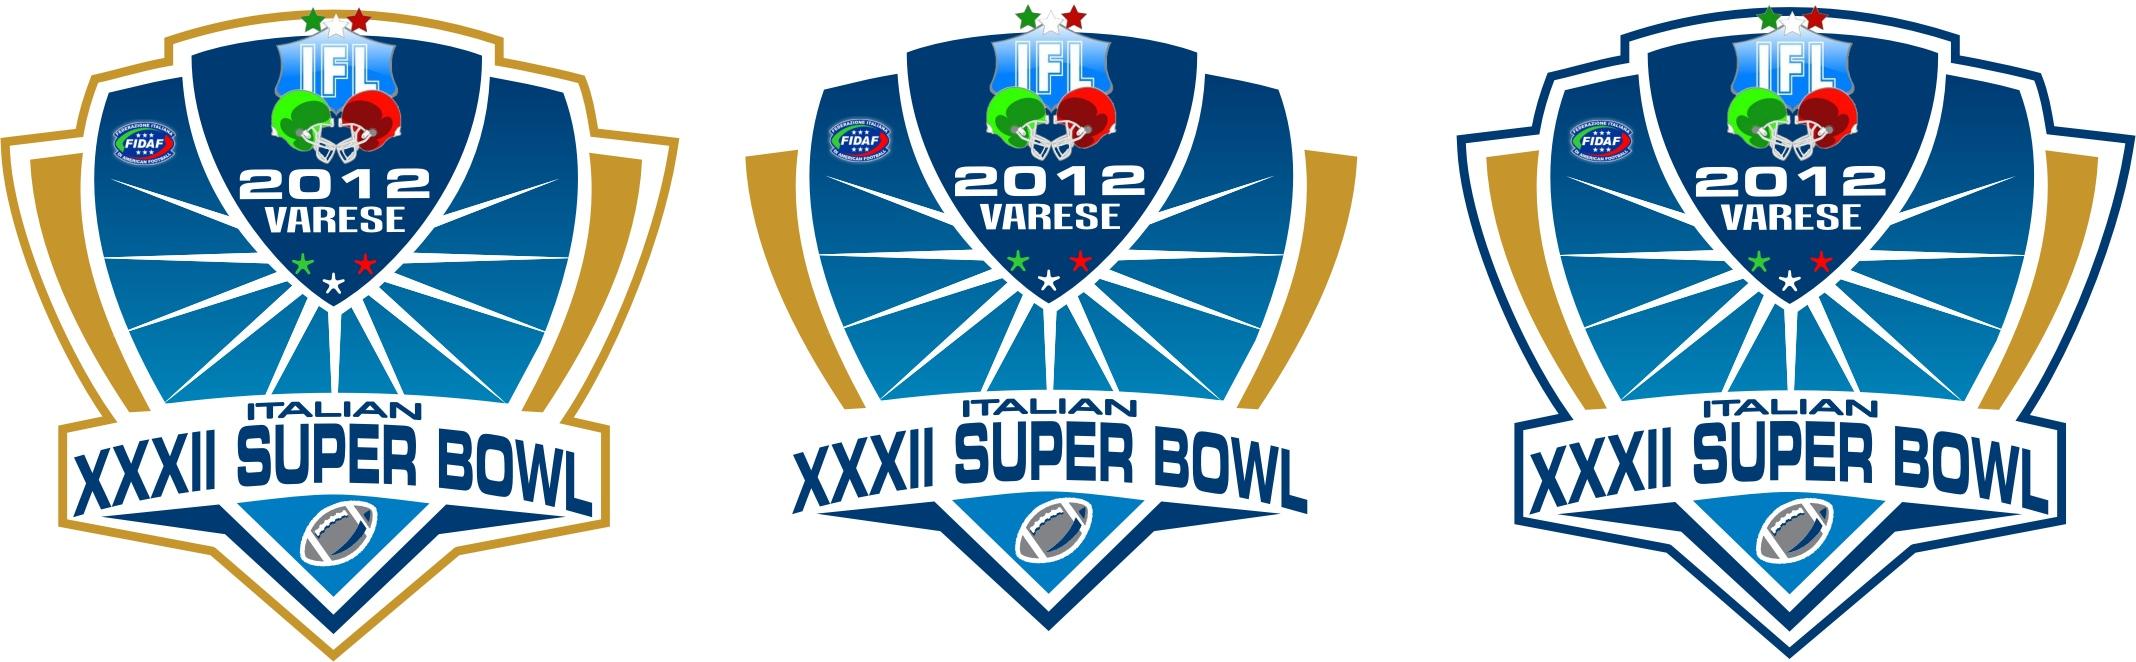 Tutto sull'Italian Super Bowl 2012